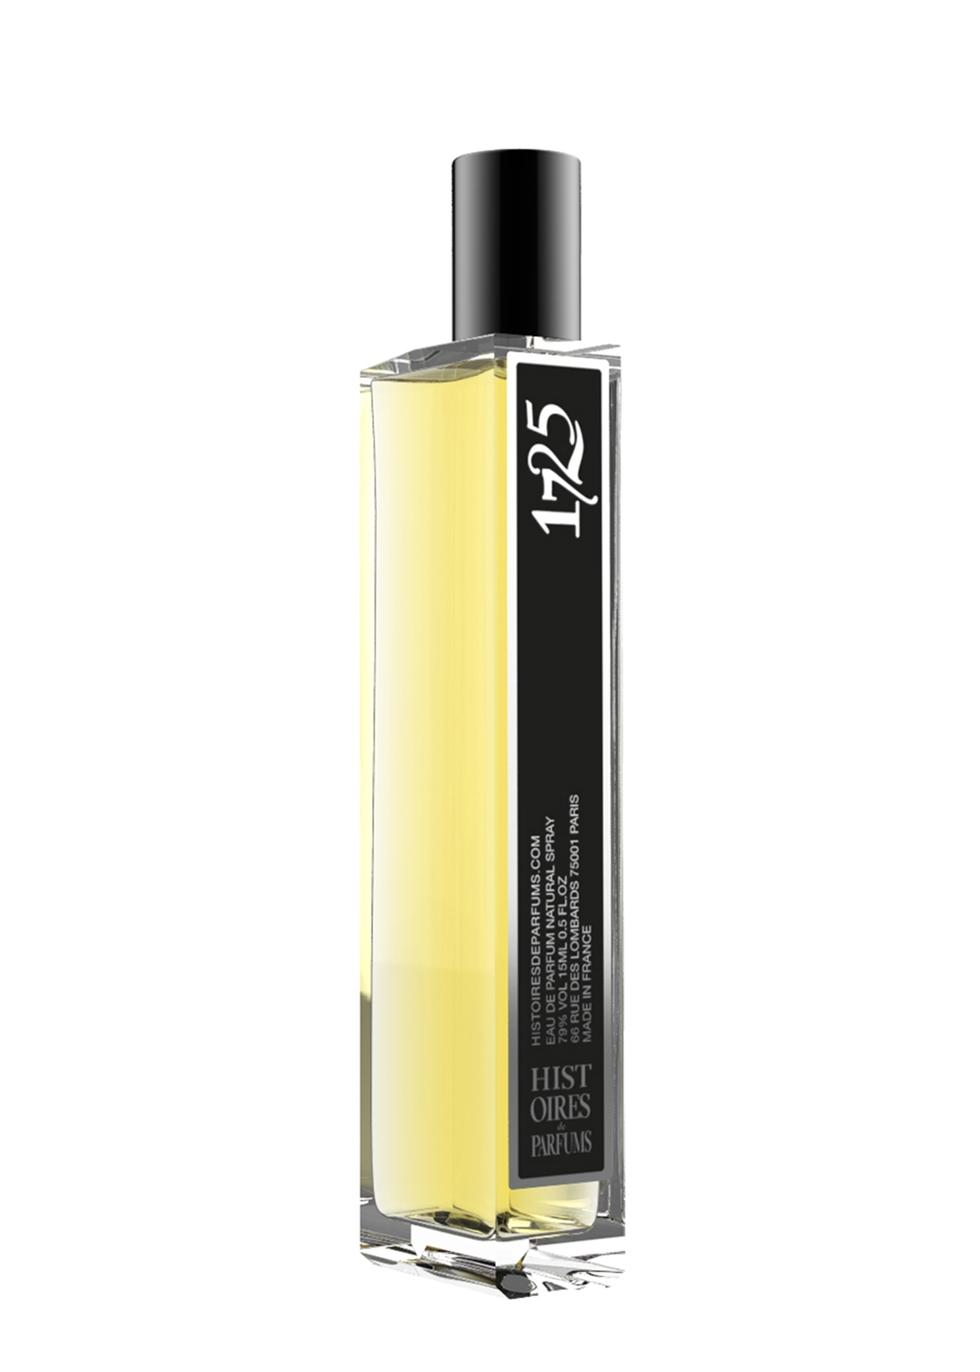 1725 Eau De Parfum 15ml - Histoires de Parfums